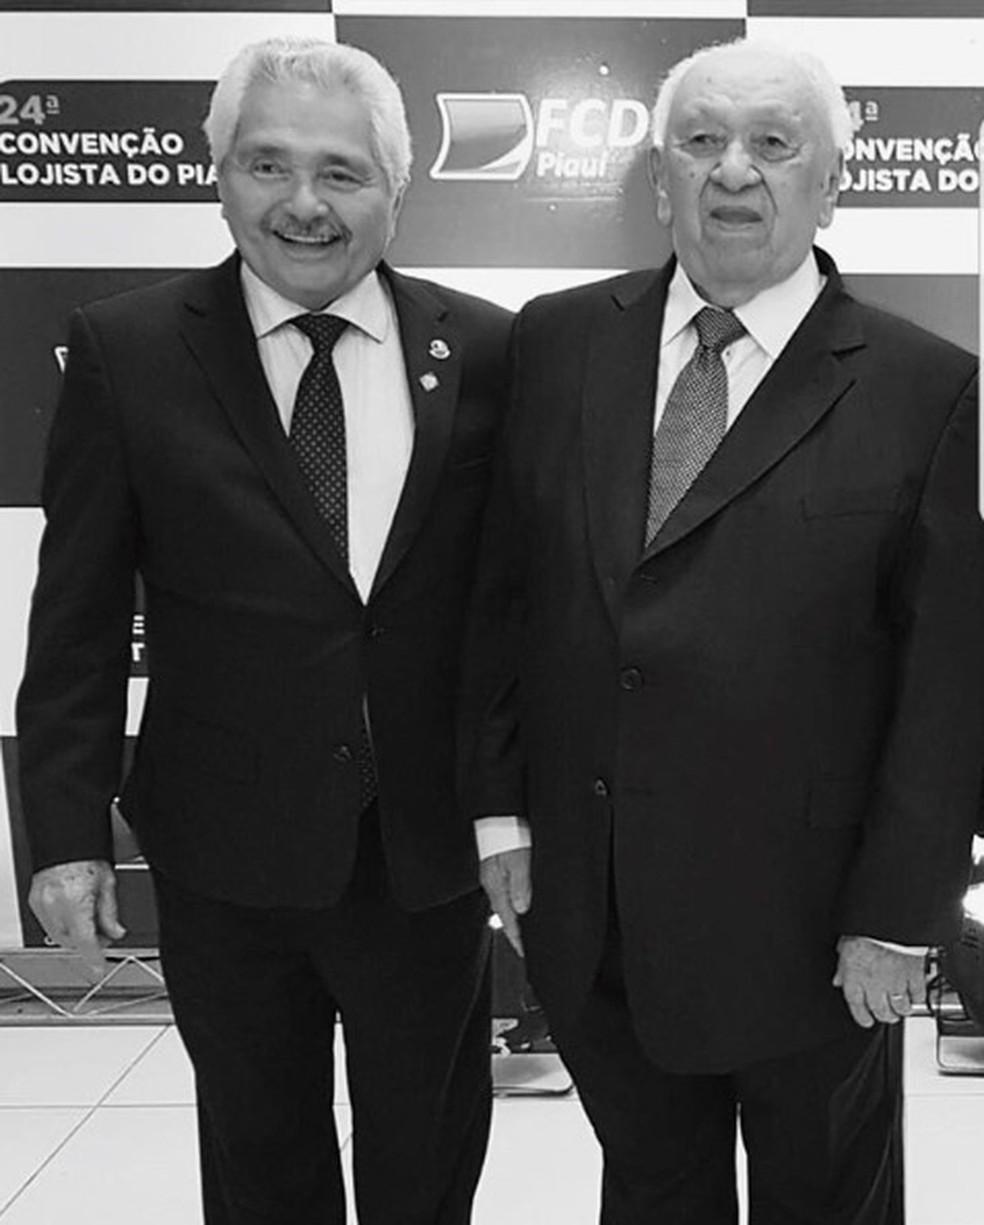 Senador Elmano Férrer com o empresário João Claudino — Foto: Divulgação /Elmano Férrer